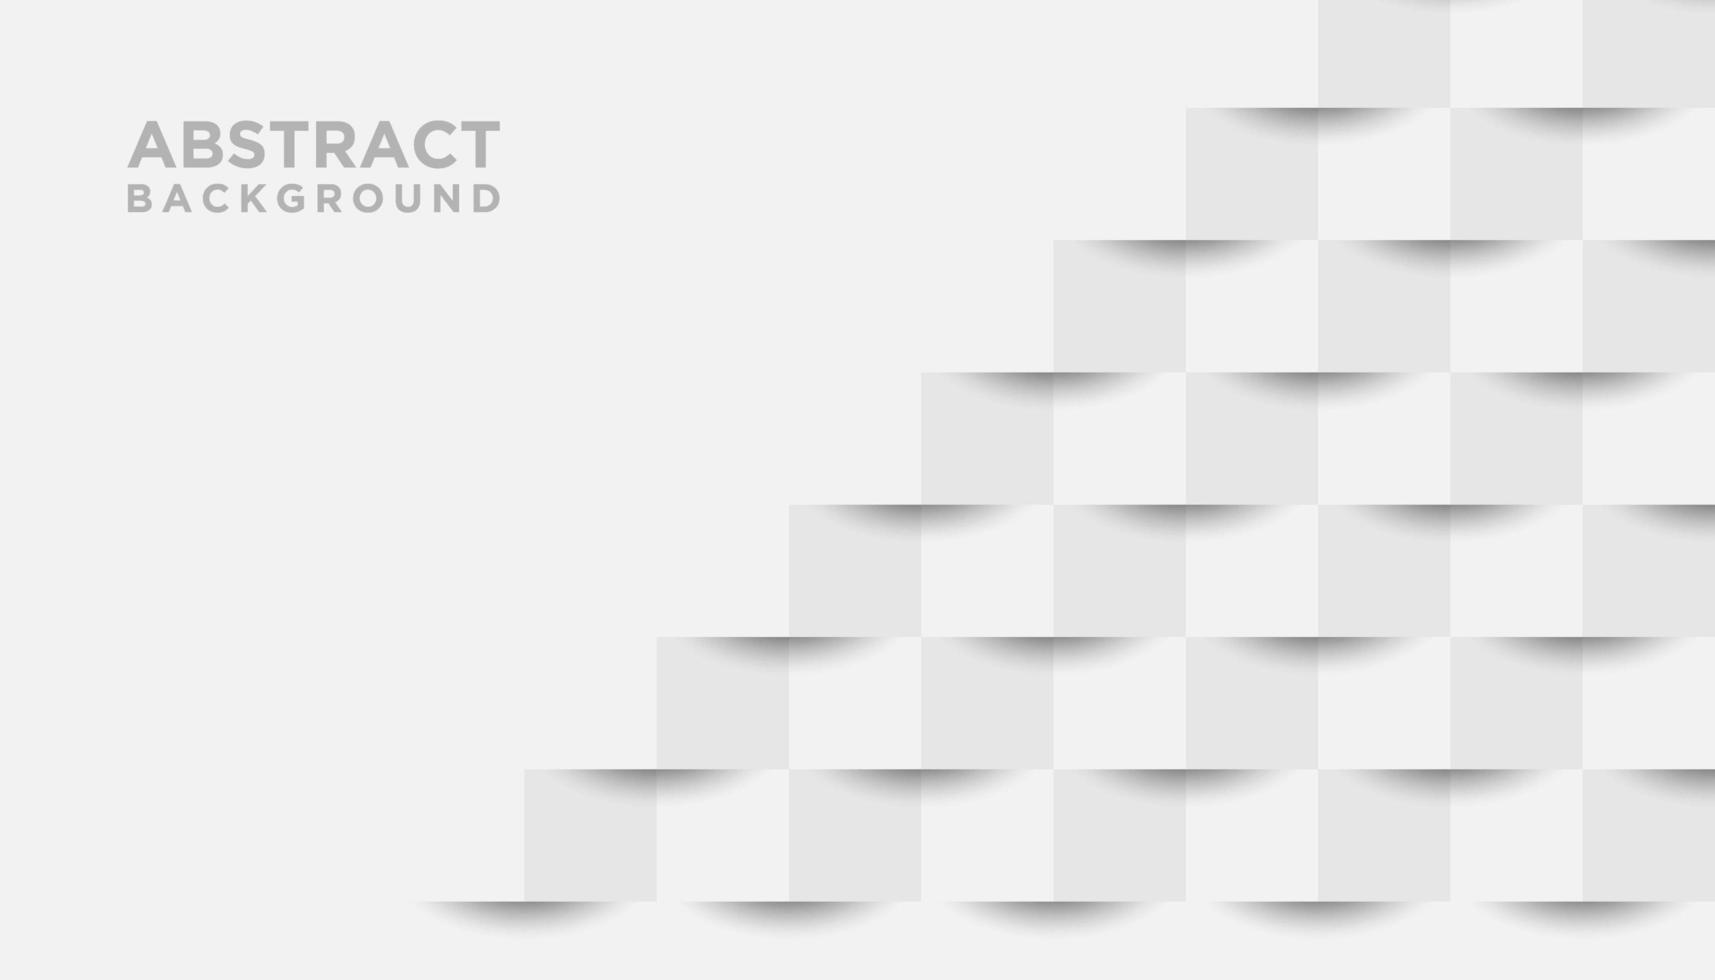 papel blanco cortado fondo 3d vector